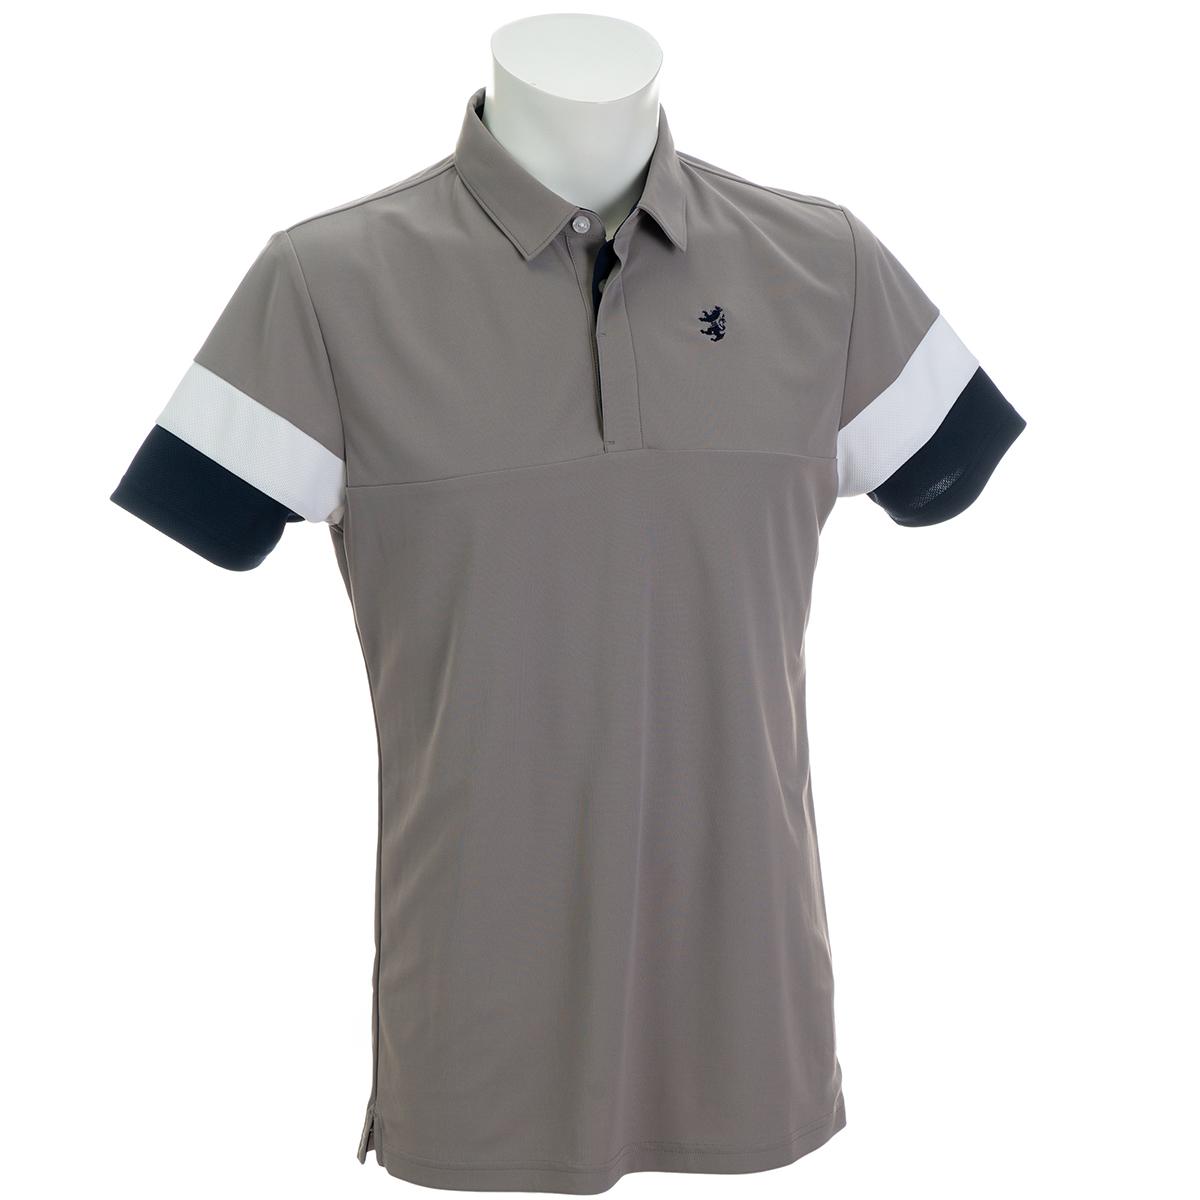 袖トリコ 切替半袖ポロシャツ